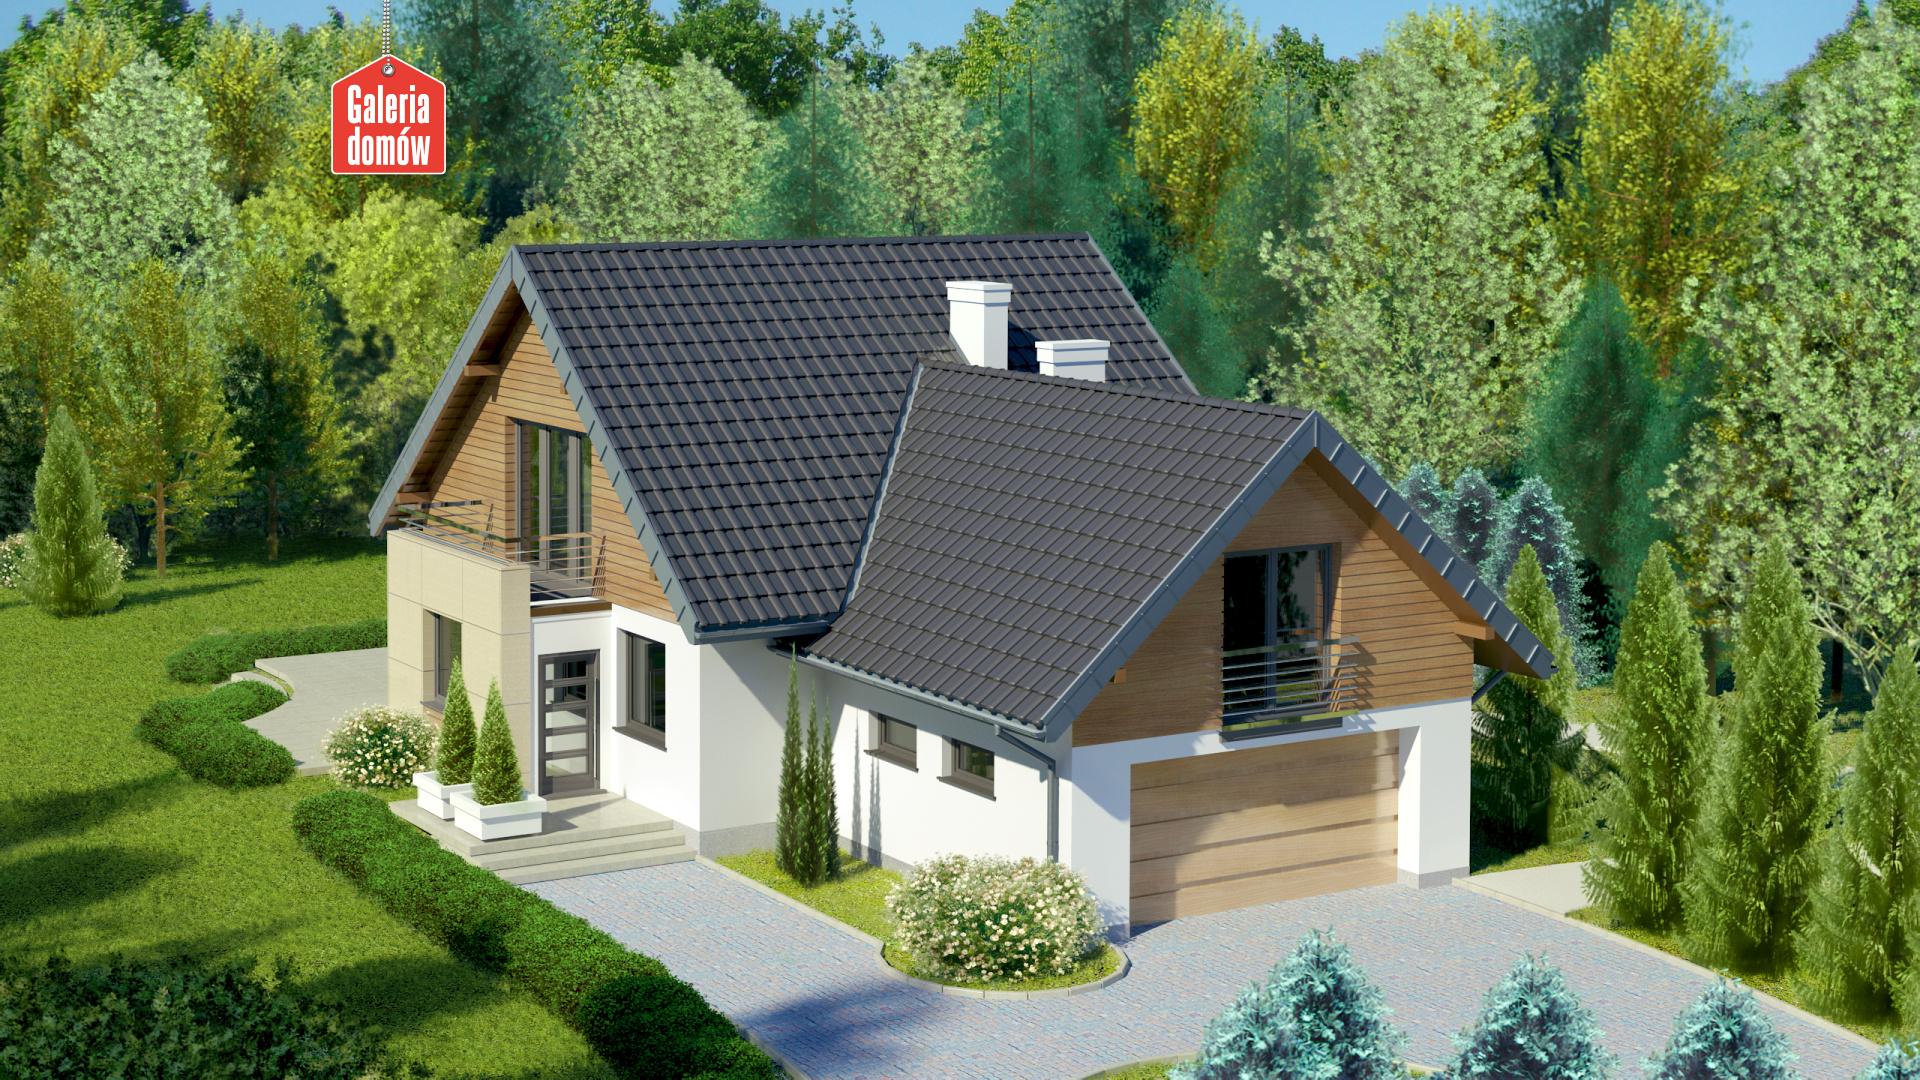 Dom przy Cyprysowej 41 - zdjęcie projektu i wizualizacja